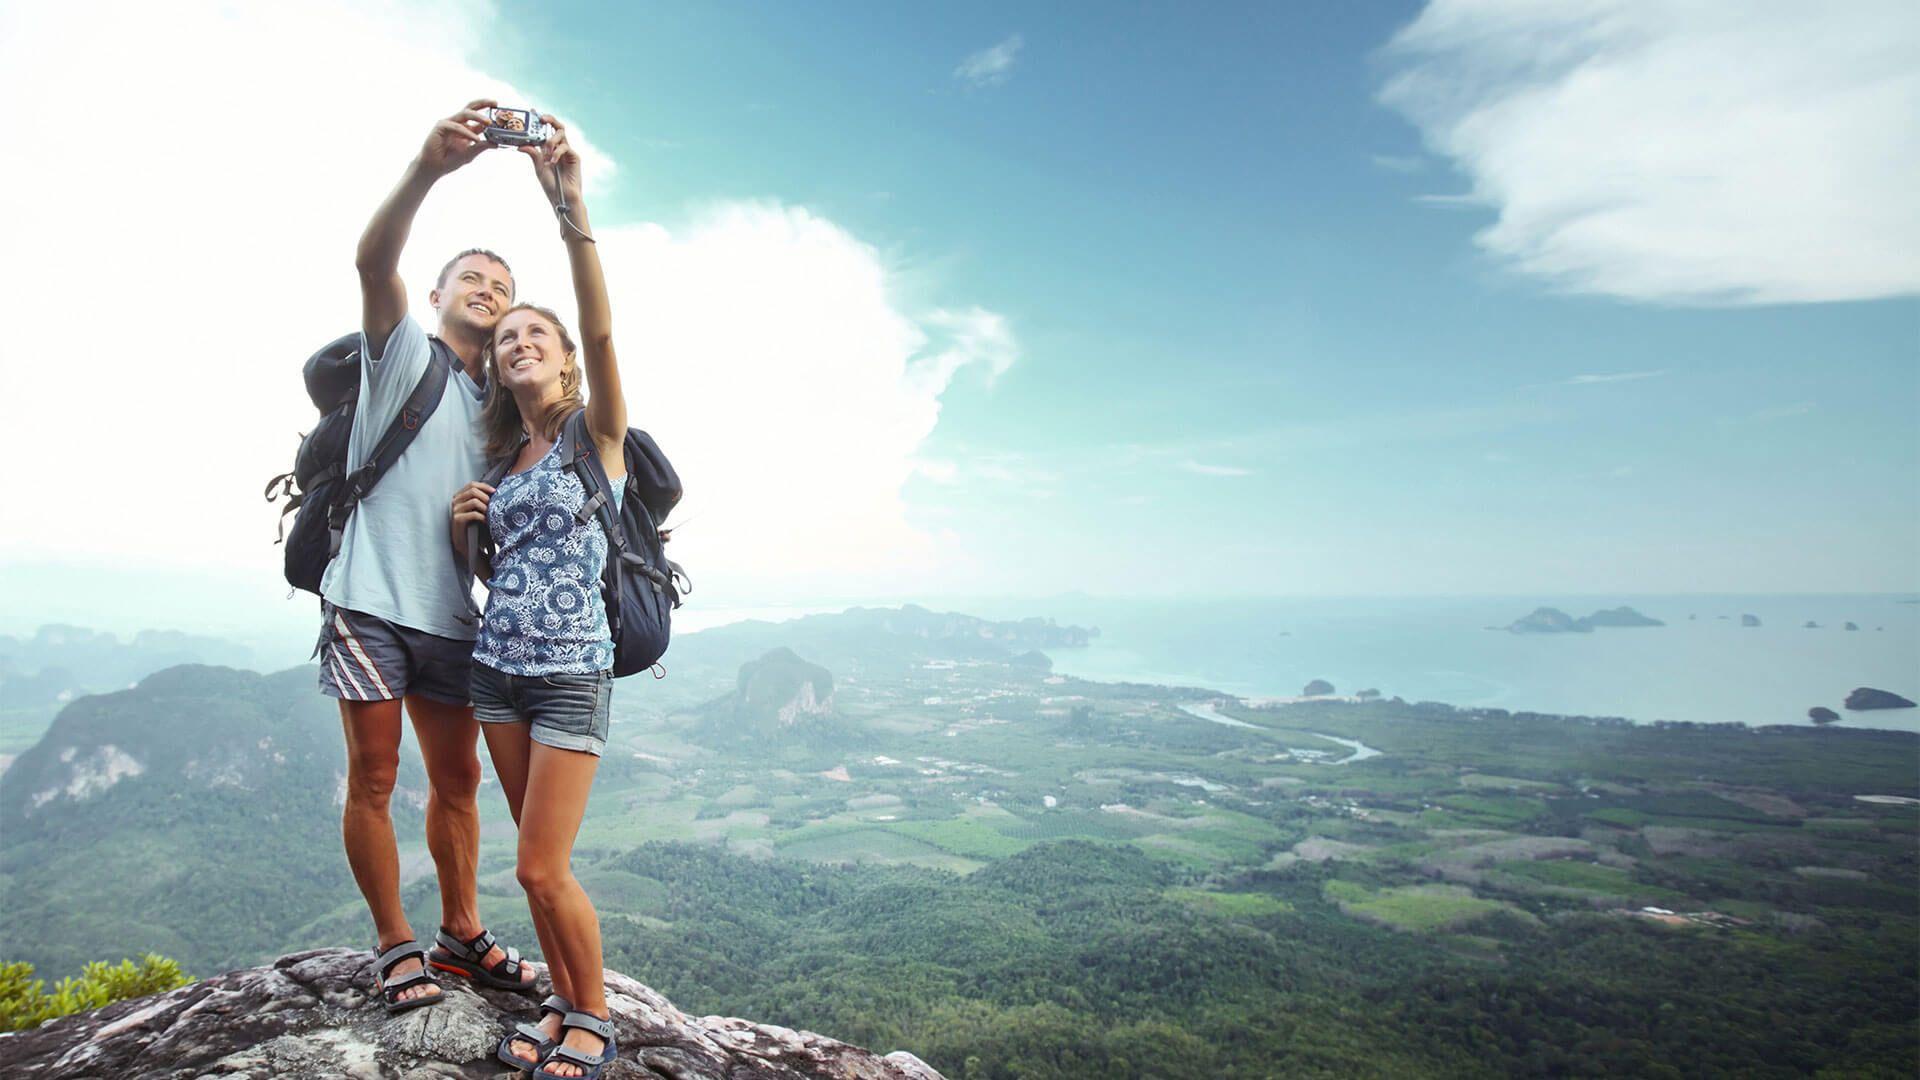 картинки с путешествуйте чаще возможно так оно